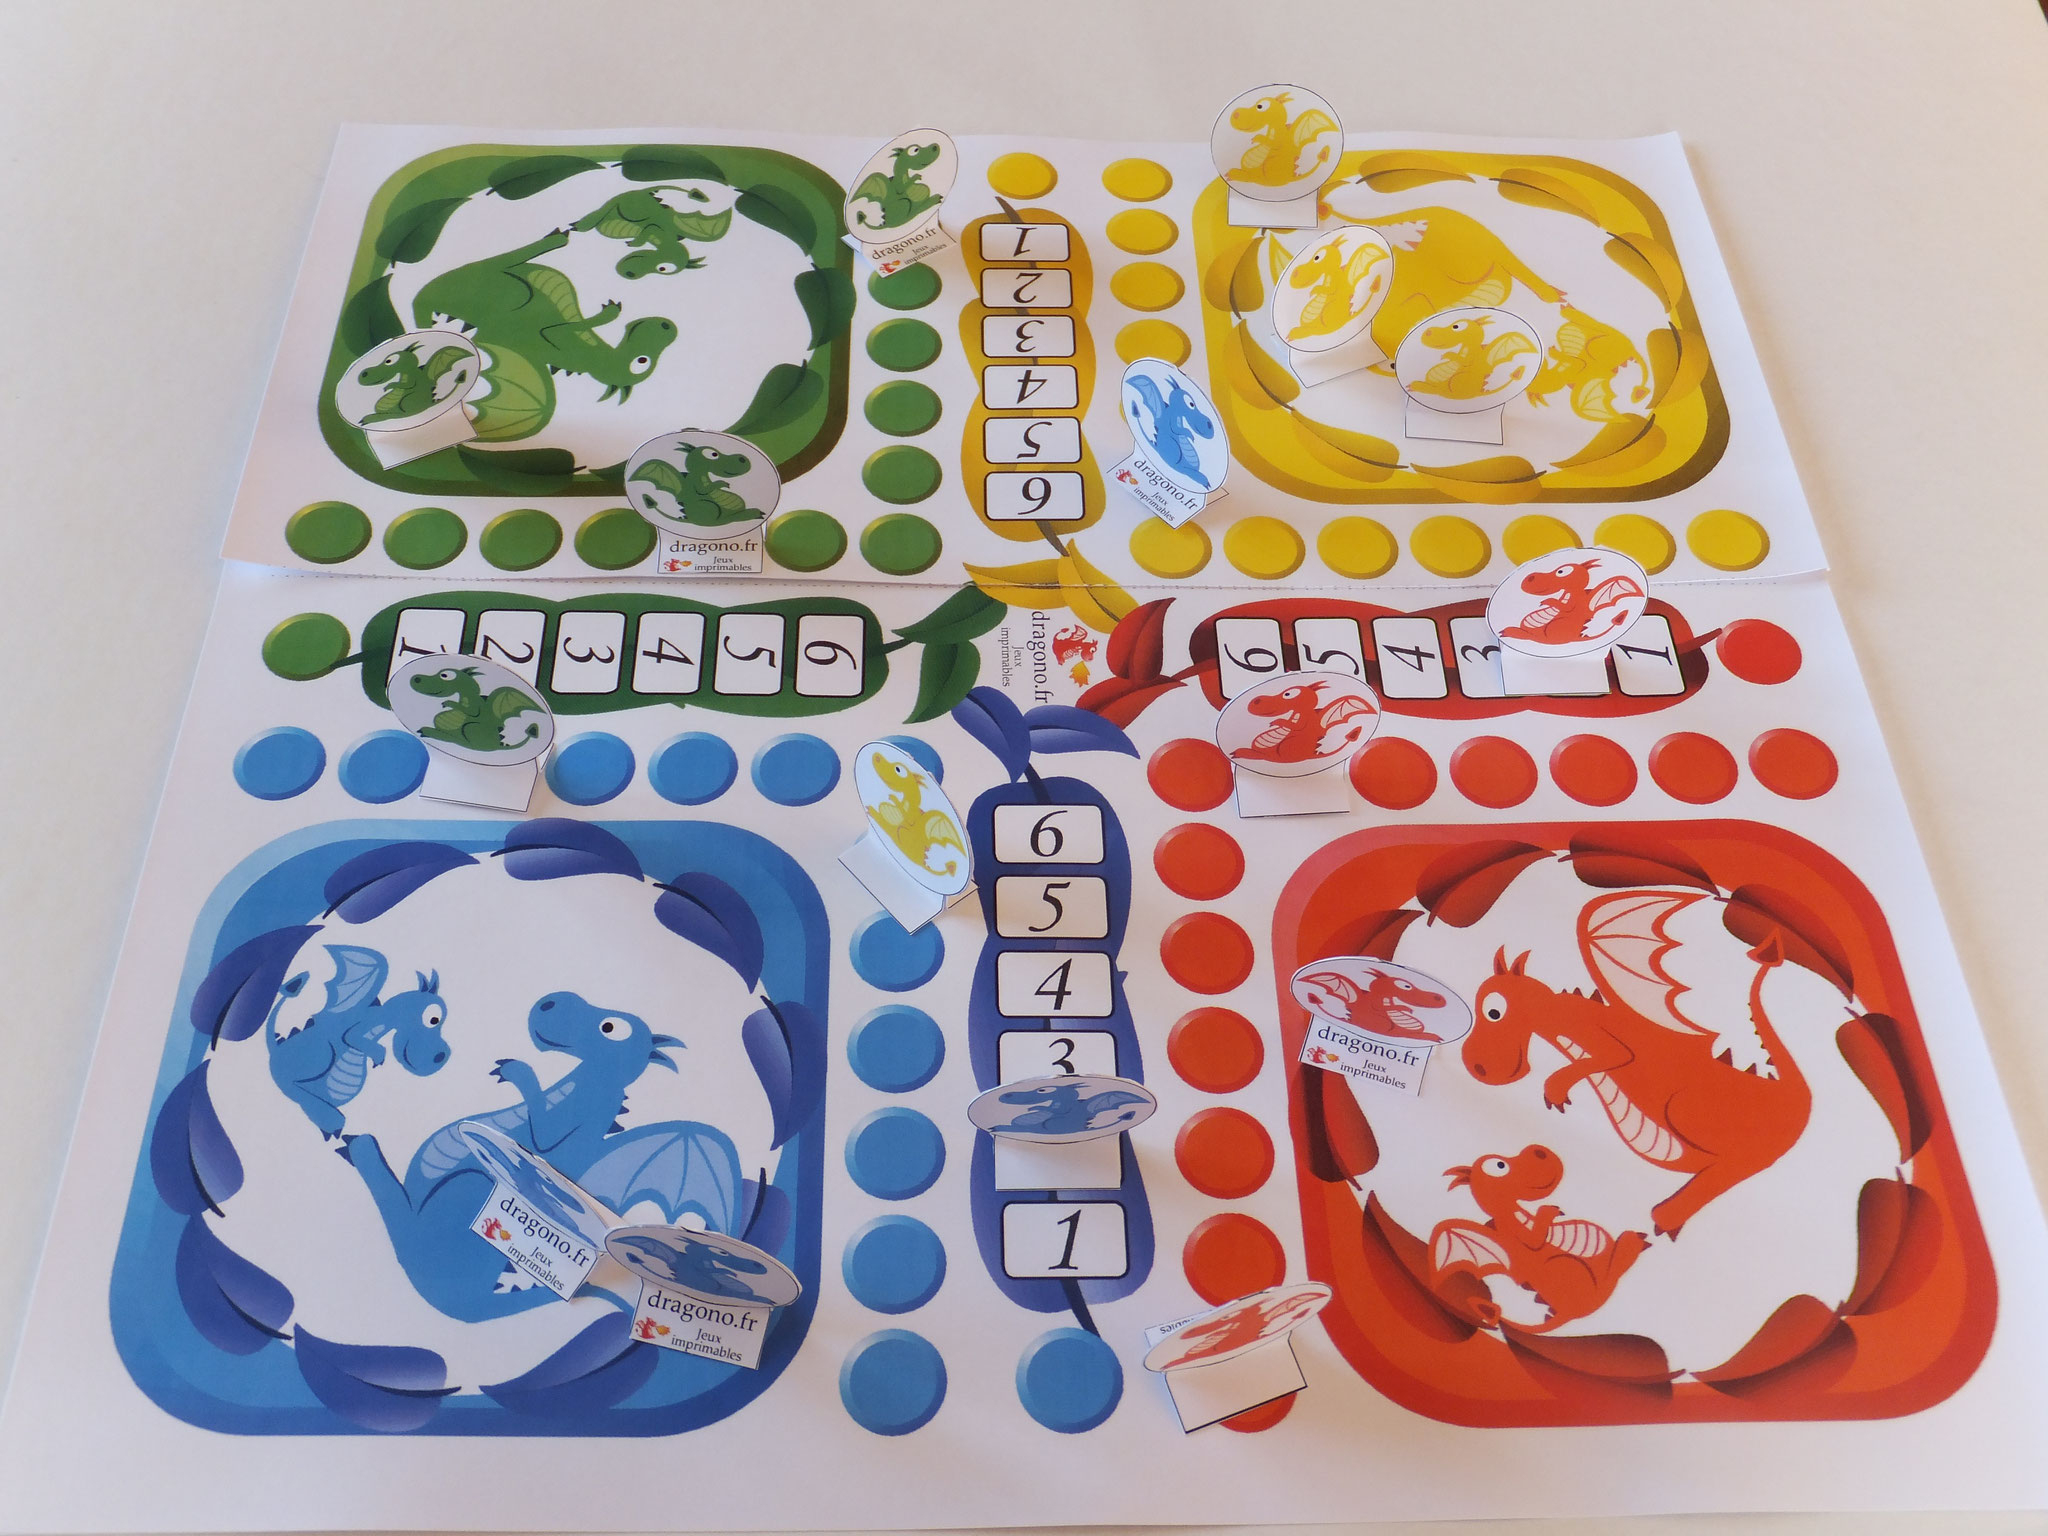 Jeux A Imprimer Pour Enfants, Famille, Ludiques, Éducatifs dedans Jeux De Maternelle À Imprimer